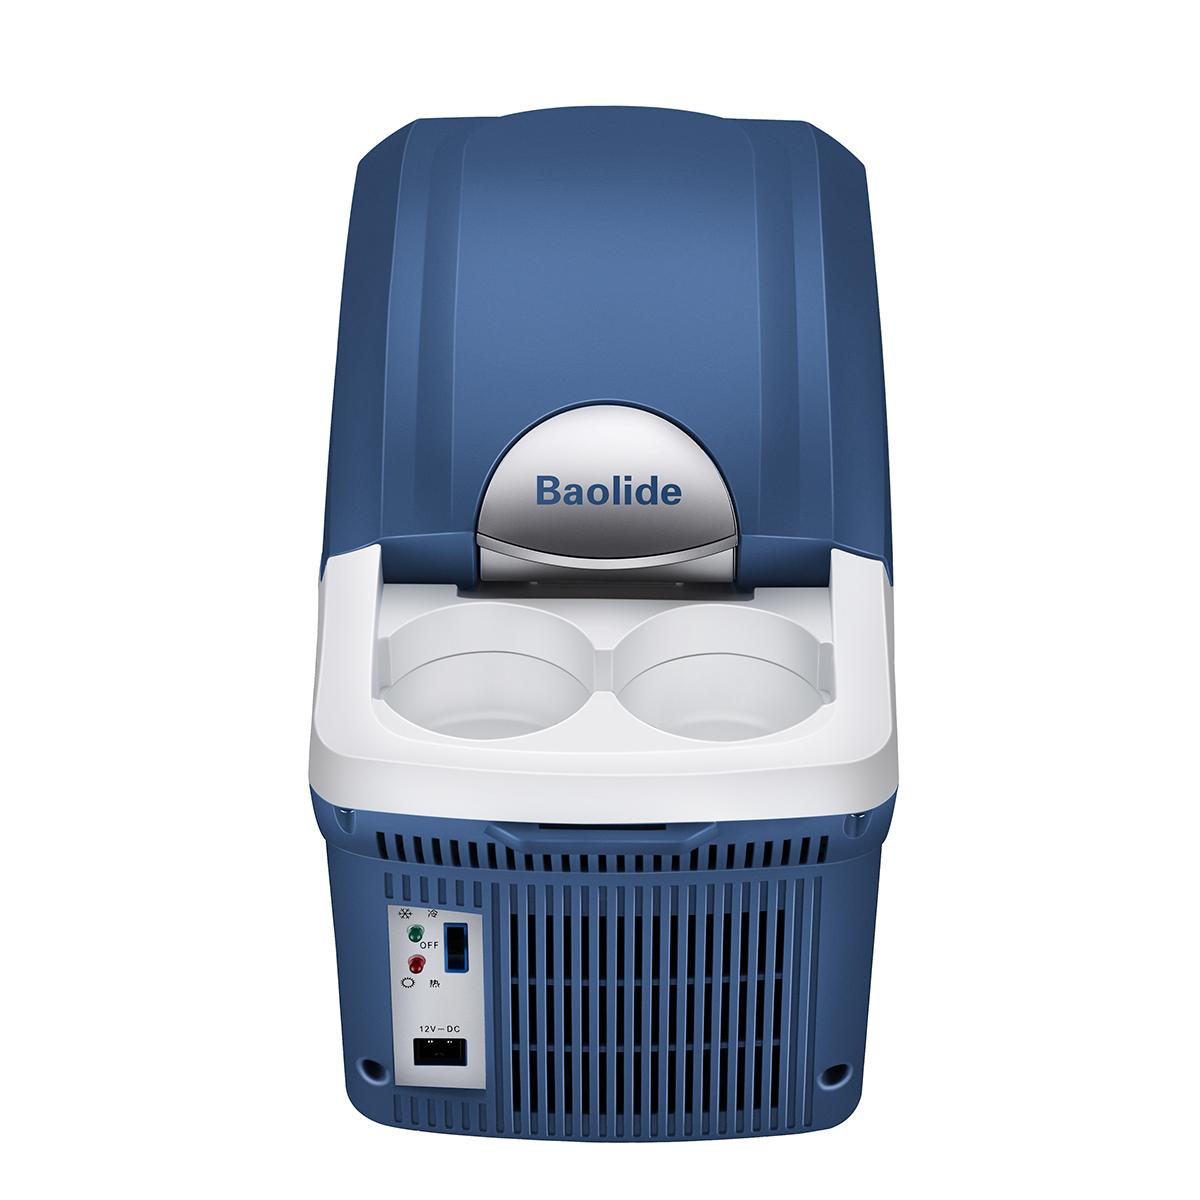 цинь леса Technology 7.5L машина холодильник, кондиционер рефрижераторный мини - мини - холодильник общежитие машину дома двойного назначения